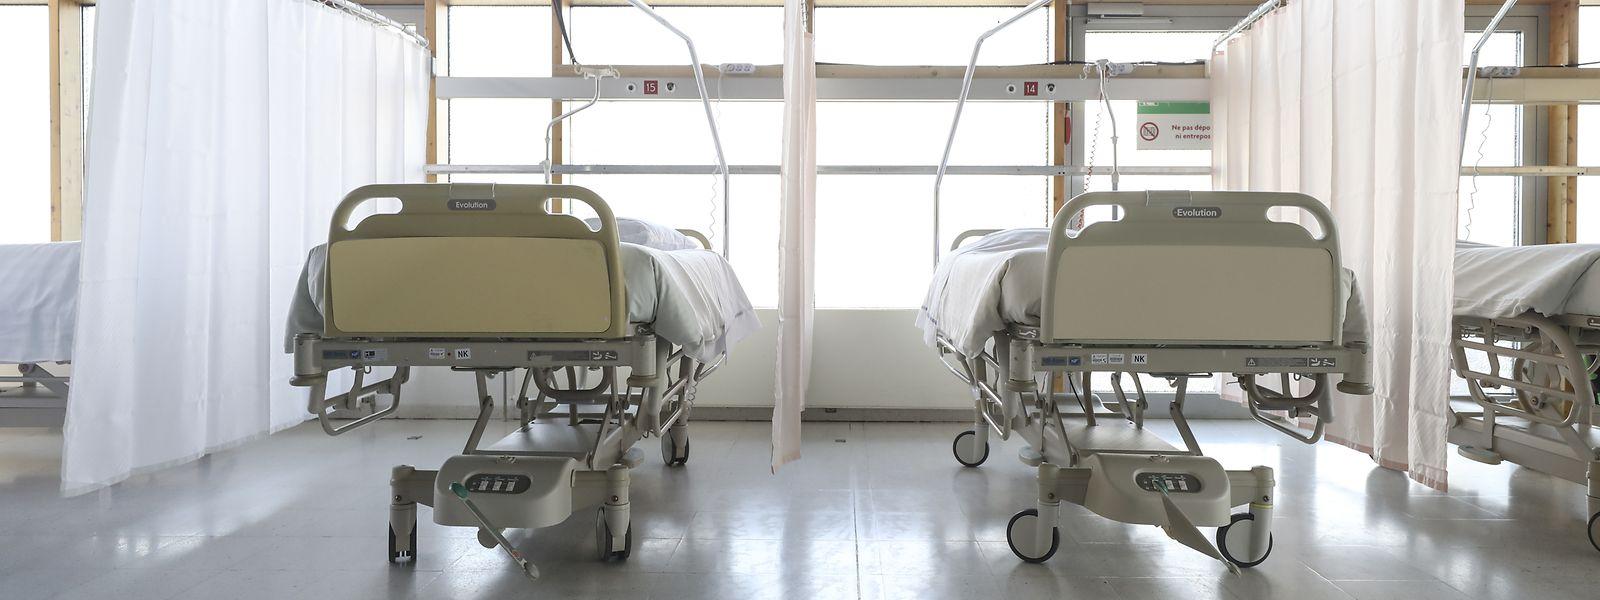 Das Luxemburger Gesundheitssystem bereitet sich auf den Höhepunkt der Infektionswelle vor, in der Hoffnung, dass es nicht zu einer Überlastung der Kapazitäten kommt.